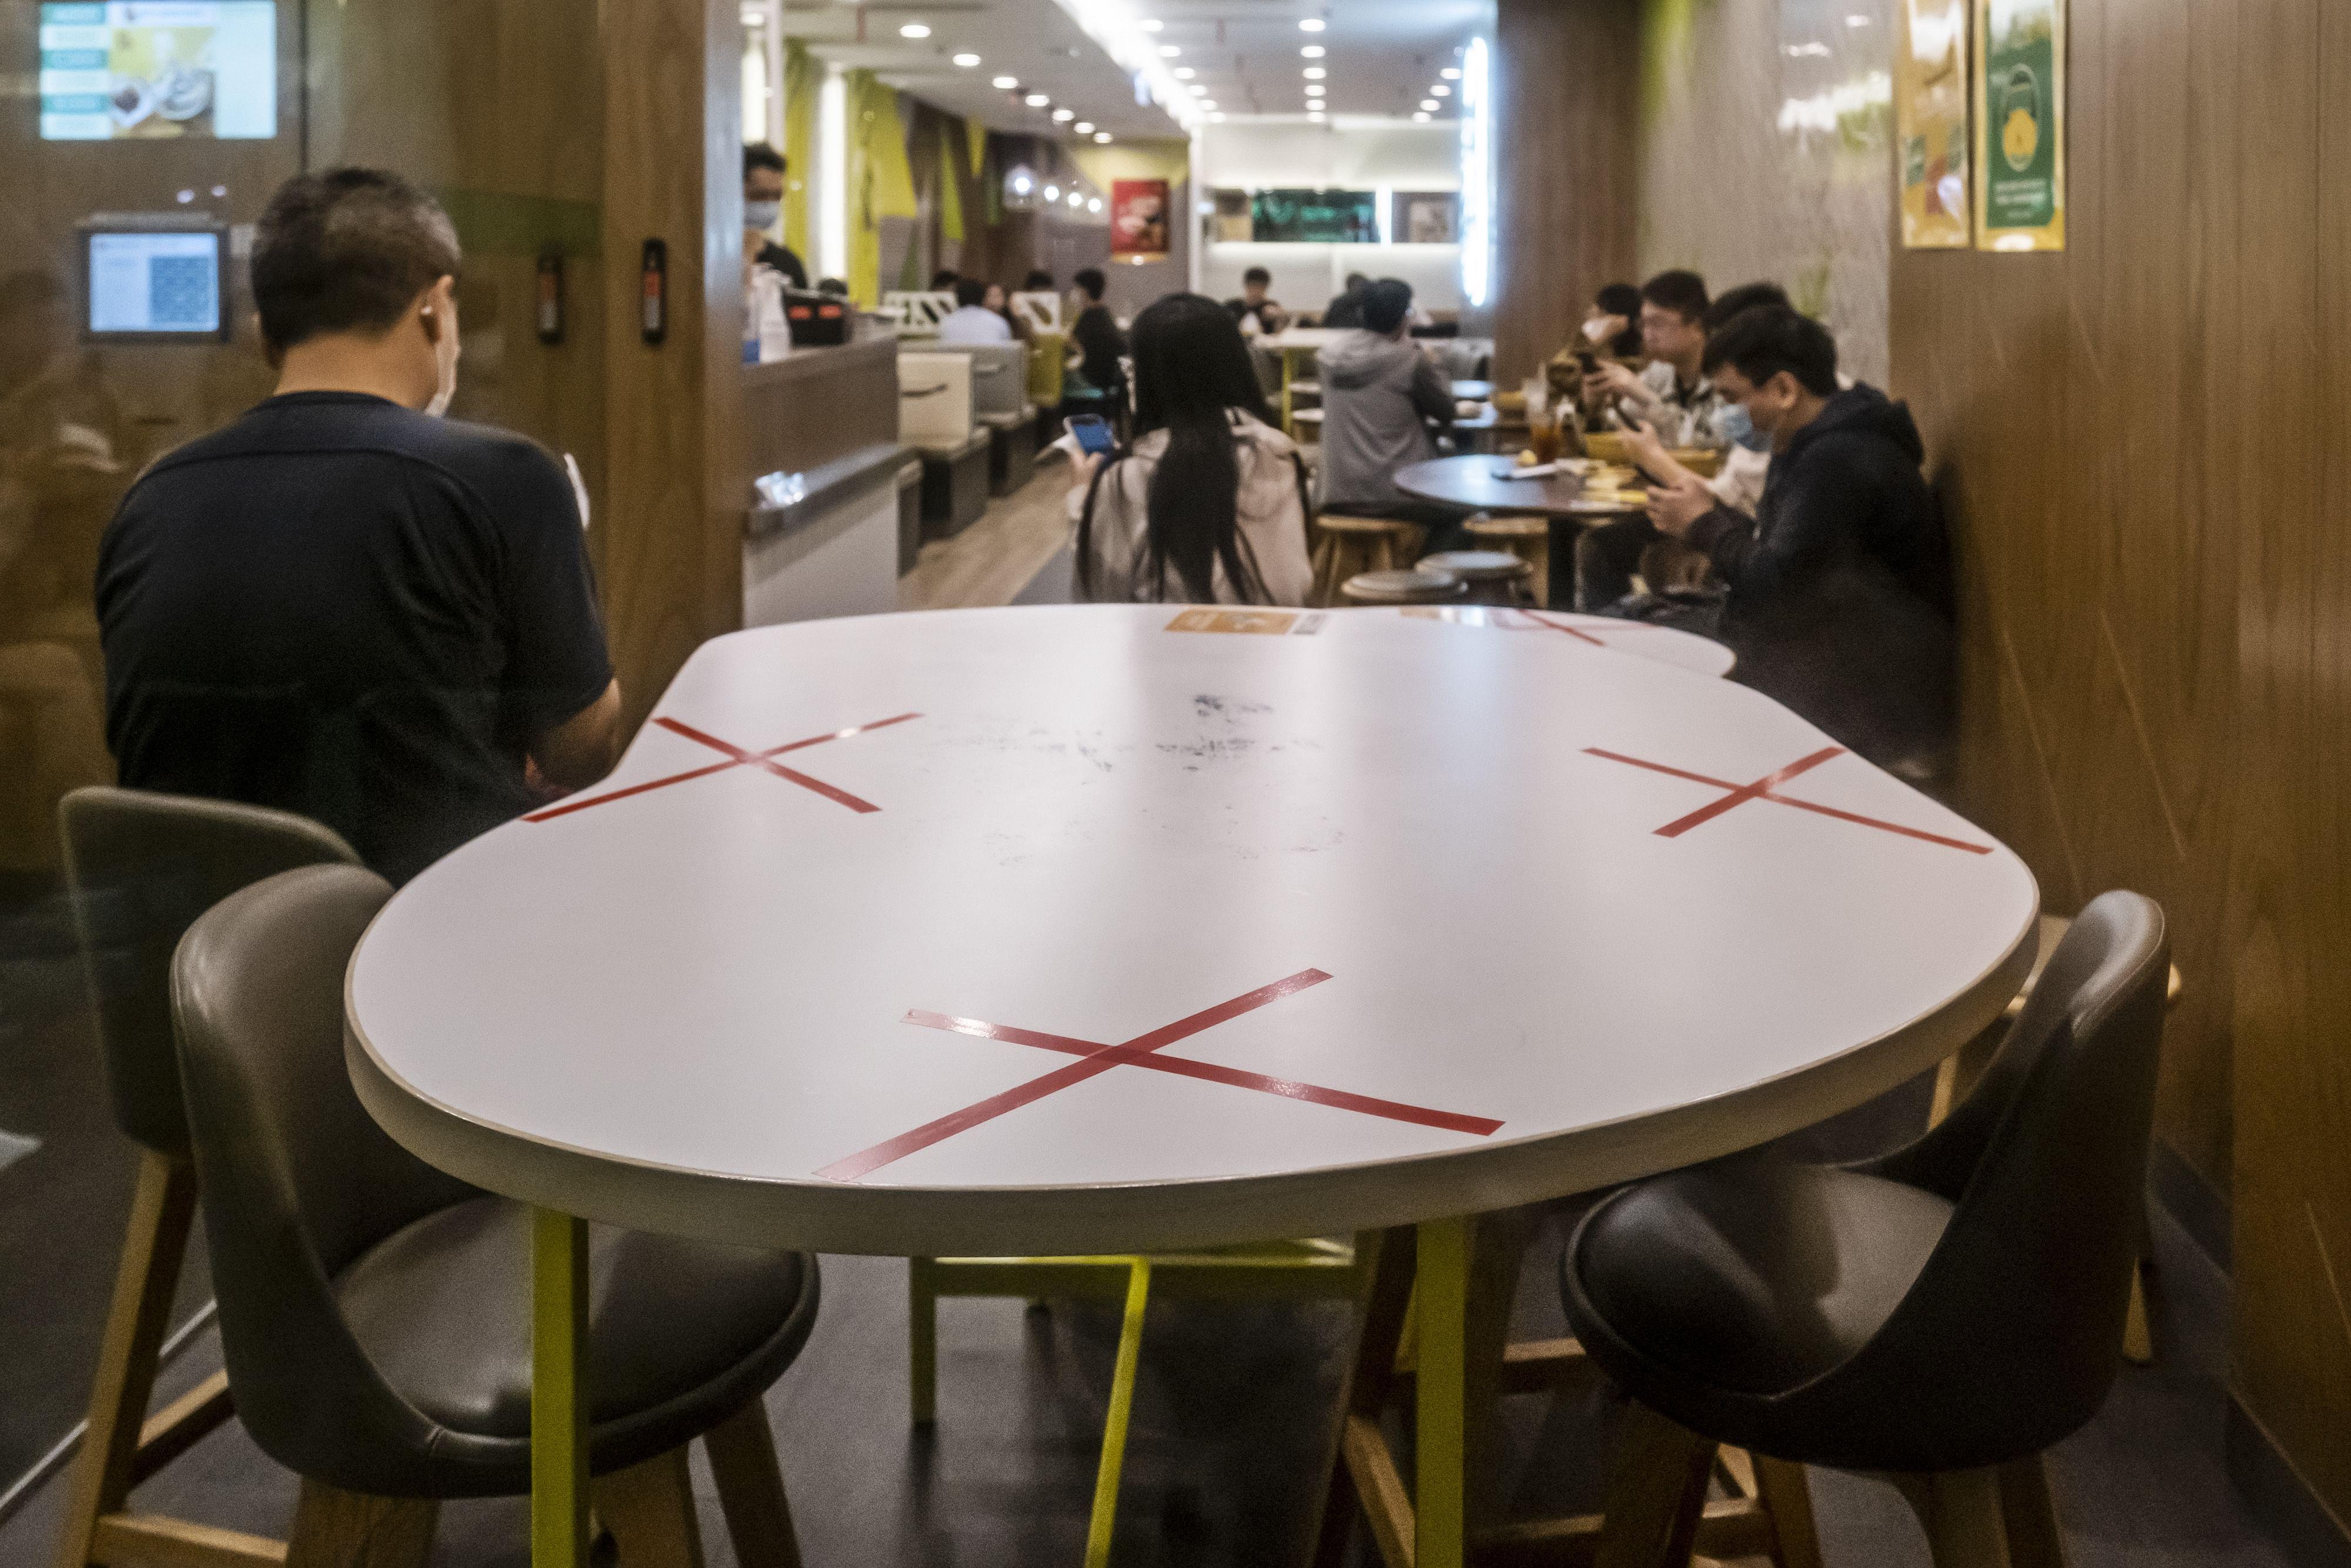 20200329_hk_restaurant-blg-2.jpg